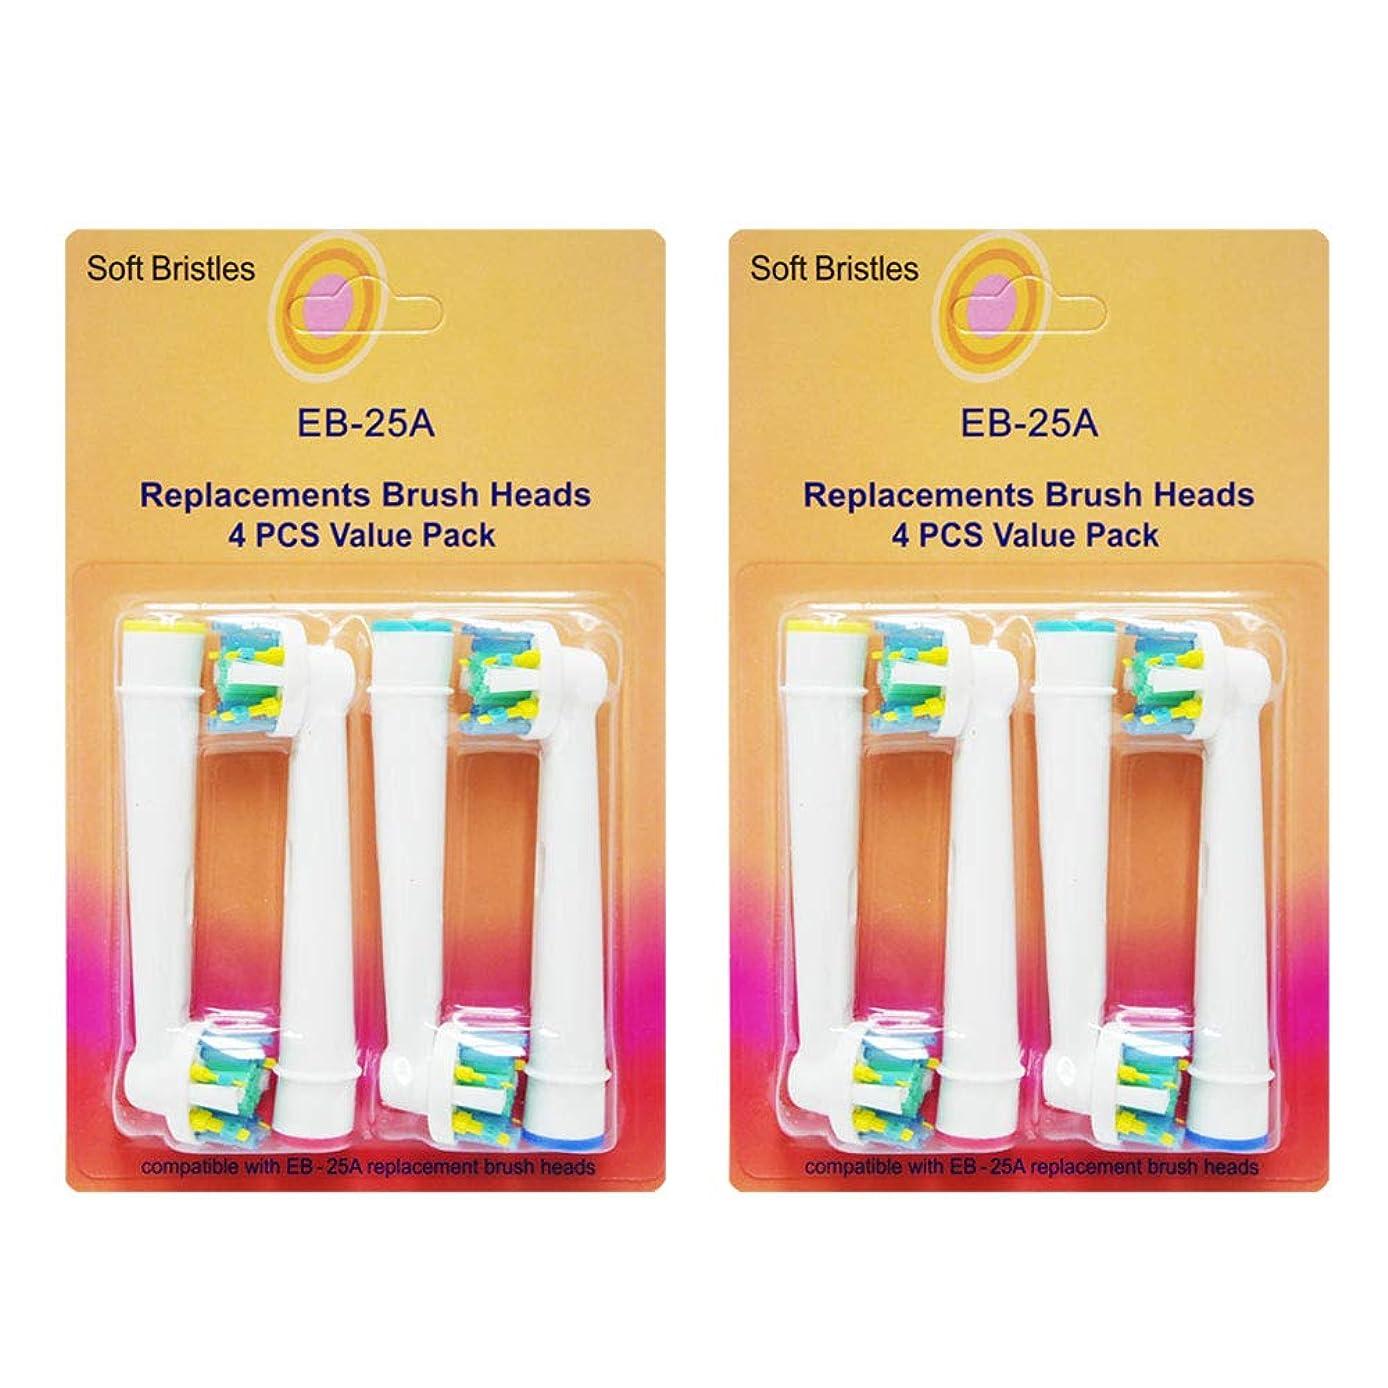 タイヤ約束する小さなブラウン BRAUN オーラルB 対応 歯間ワイパー付ブラシ 互換 ブラシ 相当品 歯ブラシ 互換ブラシ (2セット合計8本(4本1セット×2)) アーモロート(amaurot) EB25 EB-25 eb25 eb-25